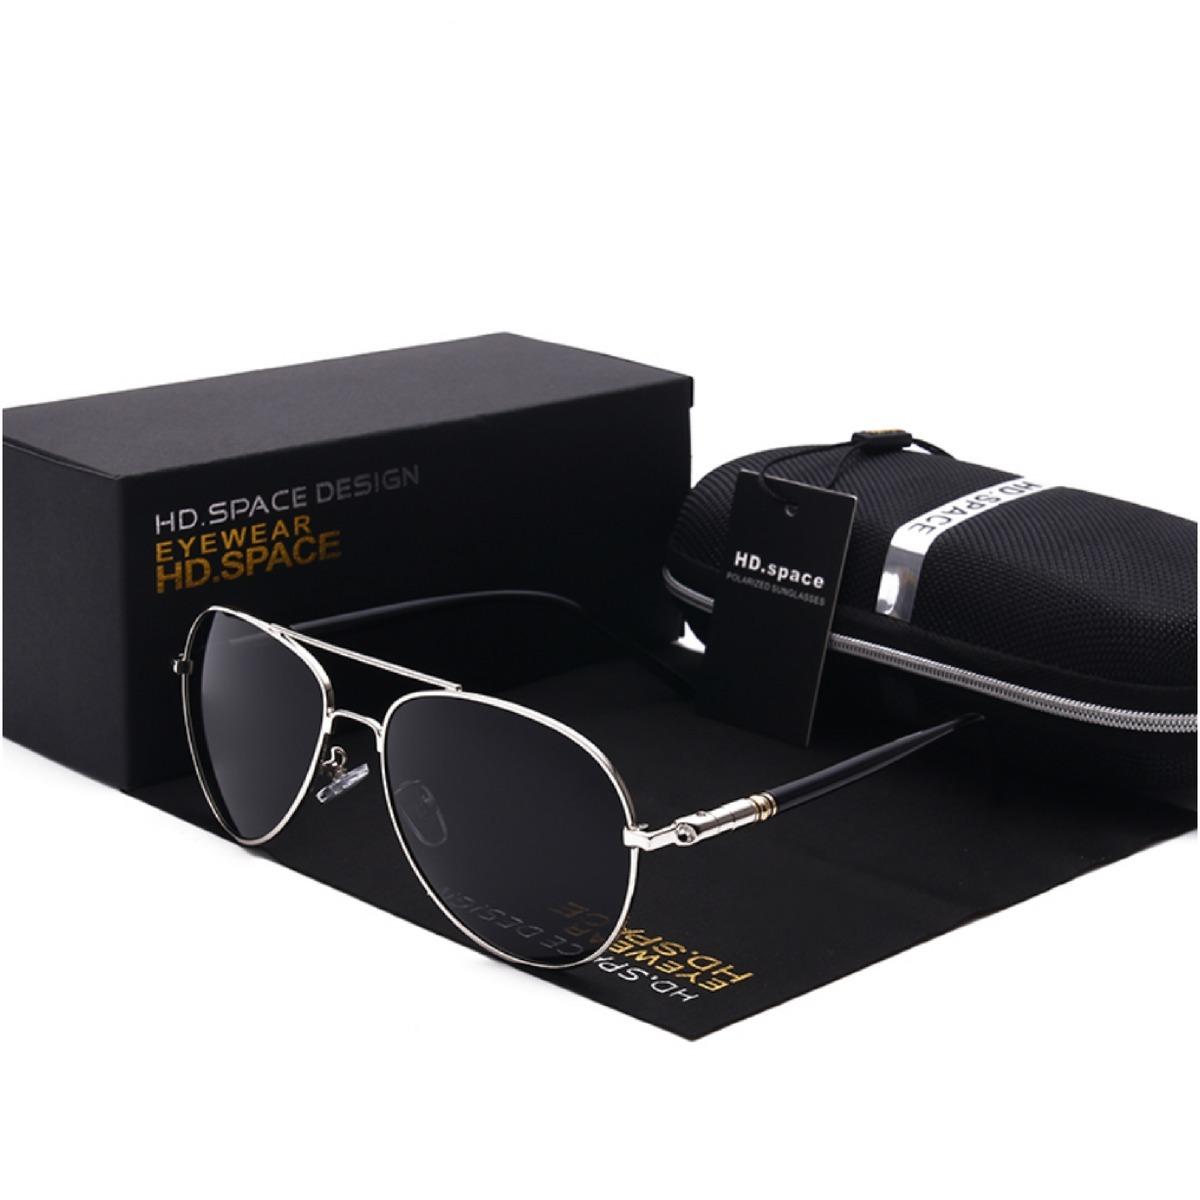 9cc627da9 Óculos De Sol Masculino Casual Dos Homens Pilotos - R$ 207,87 em ...